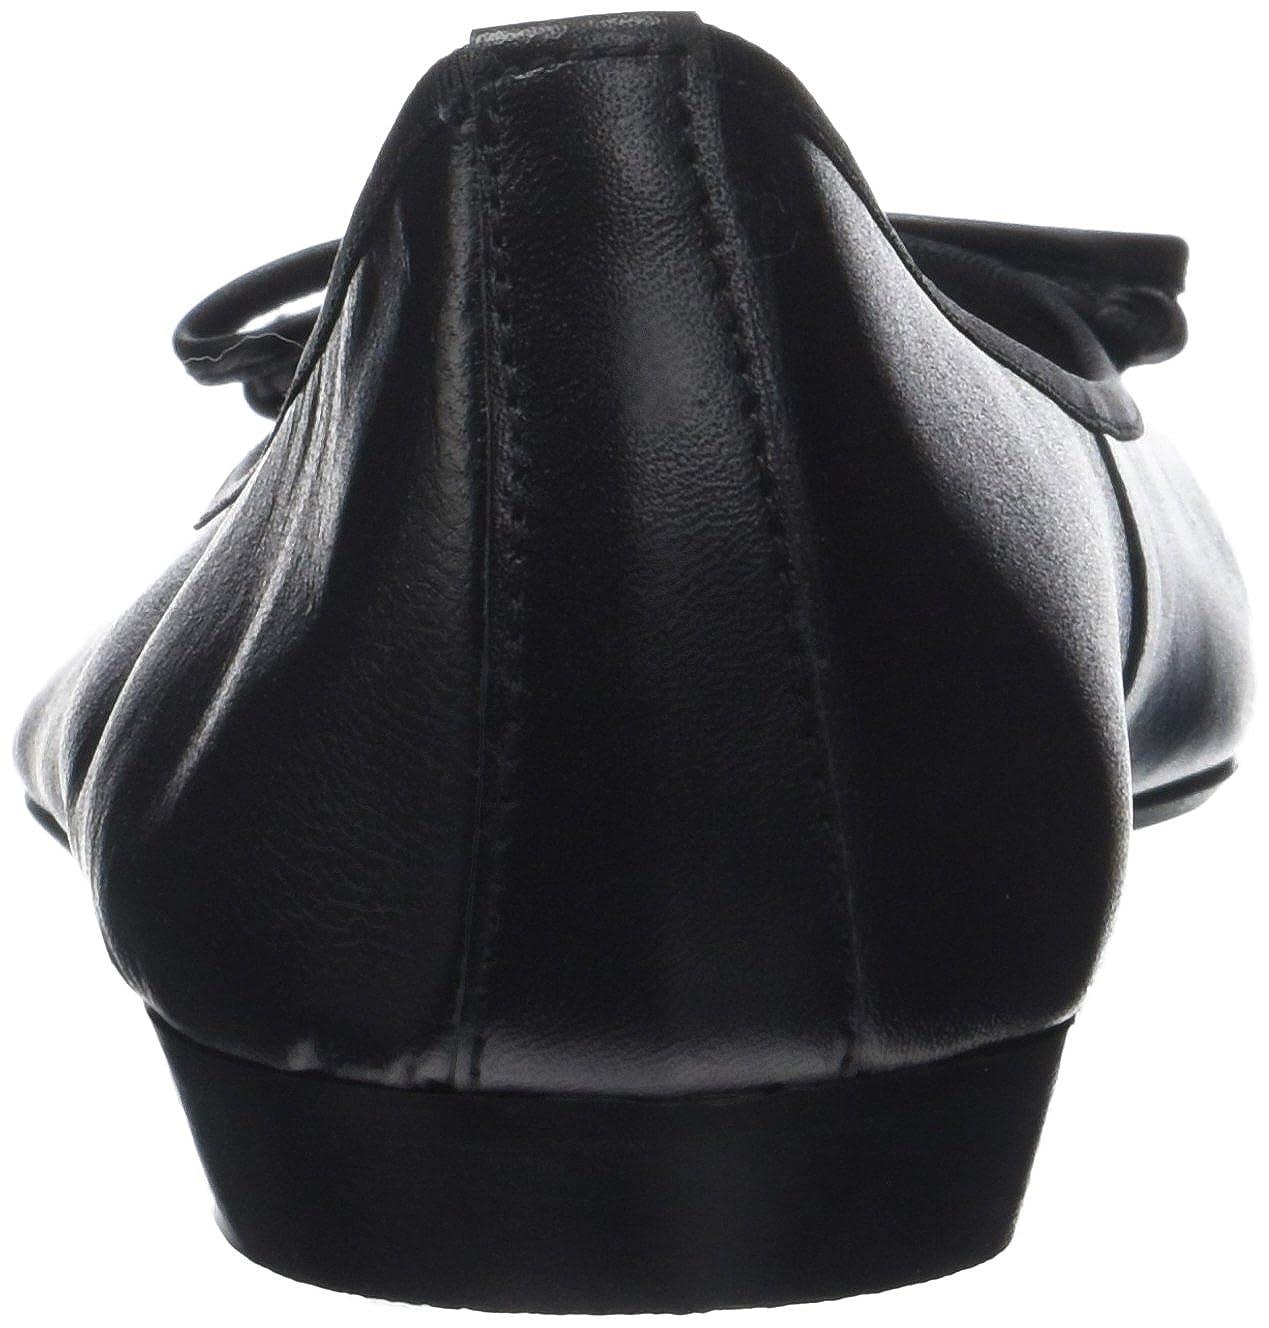 LK LK LK BENNETT Damen Cici Geschlossene Ballerinas Schwarz (schwarz-schwarz) f4d162